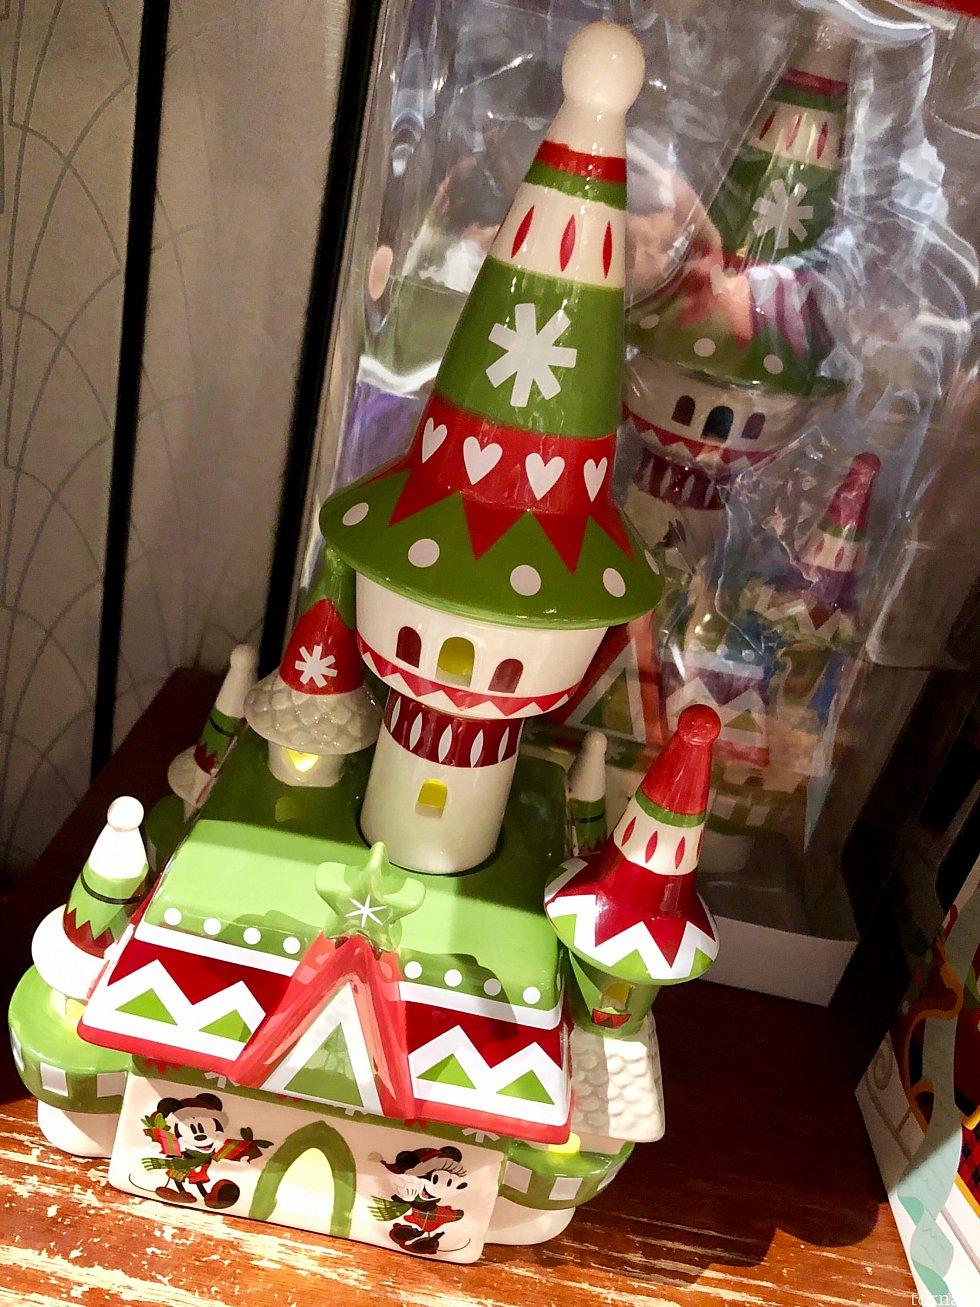 このクリスマス仕様のキャッスルのフィギュアは光るようです。$54.99